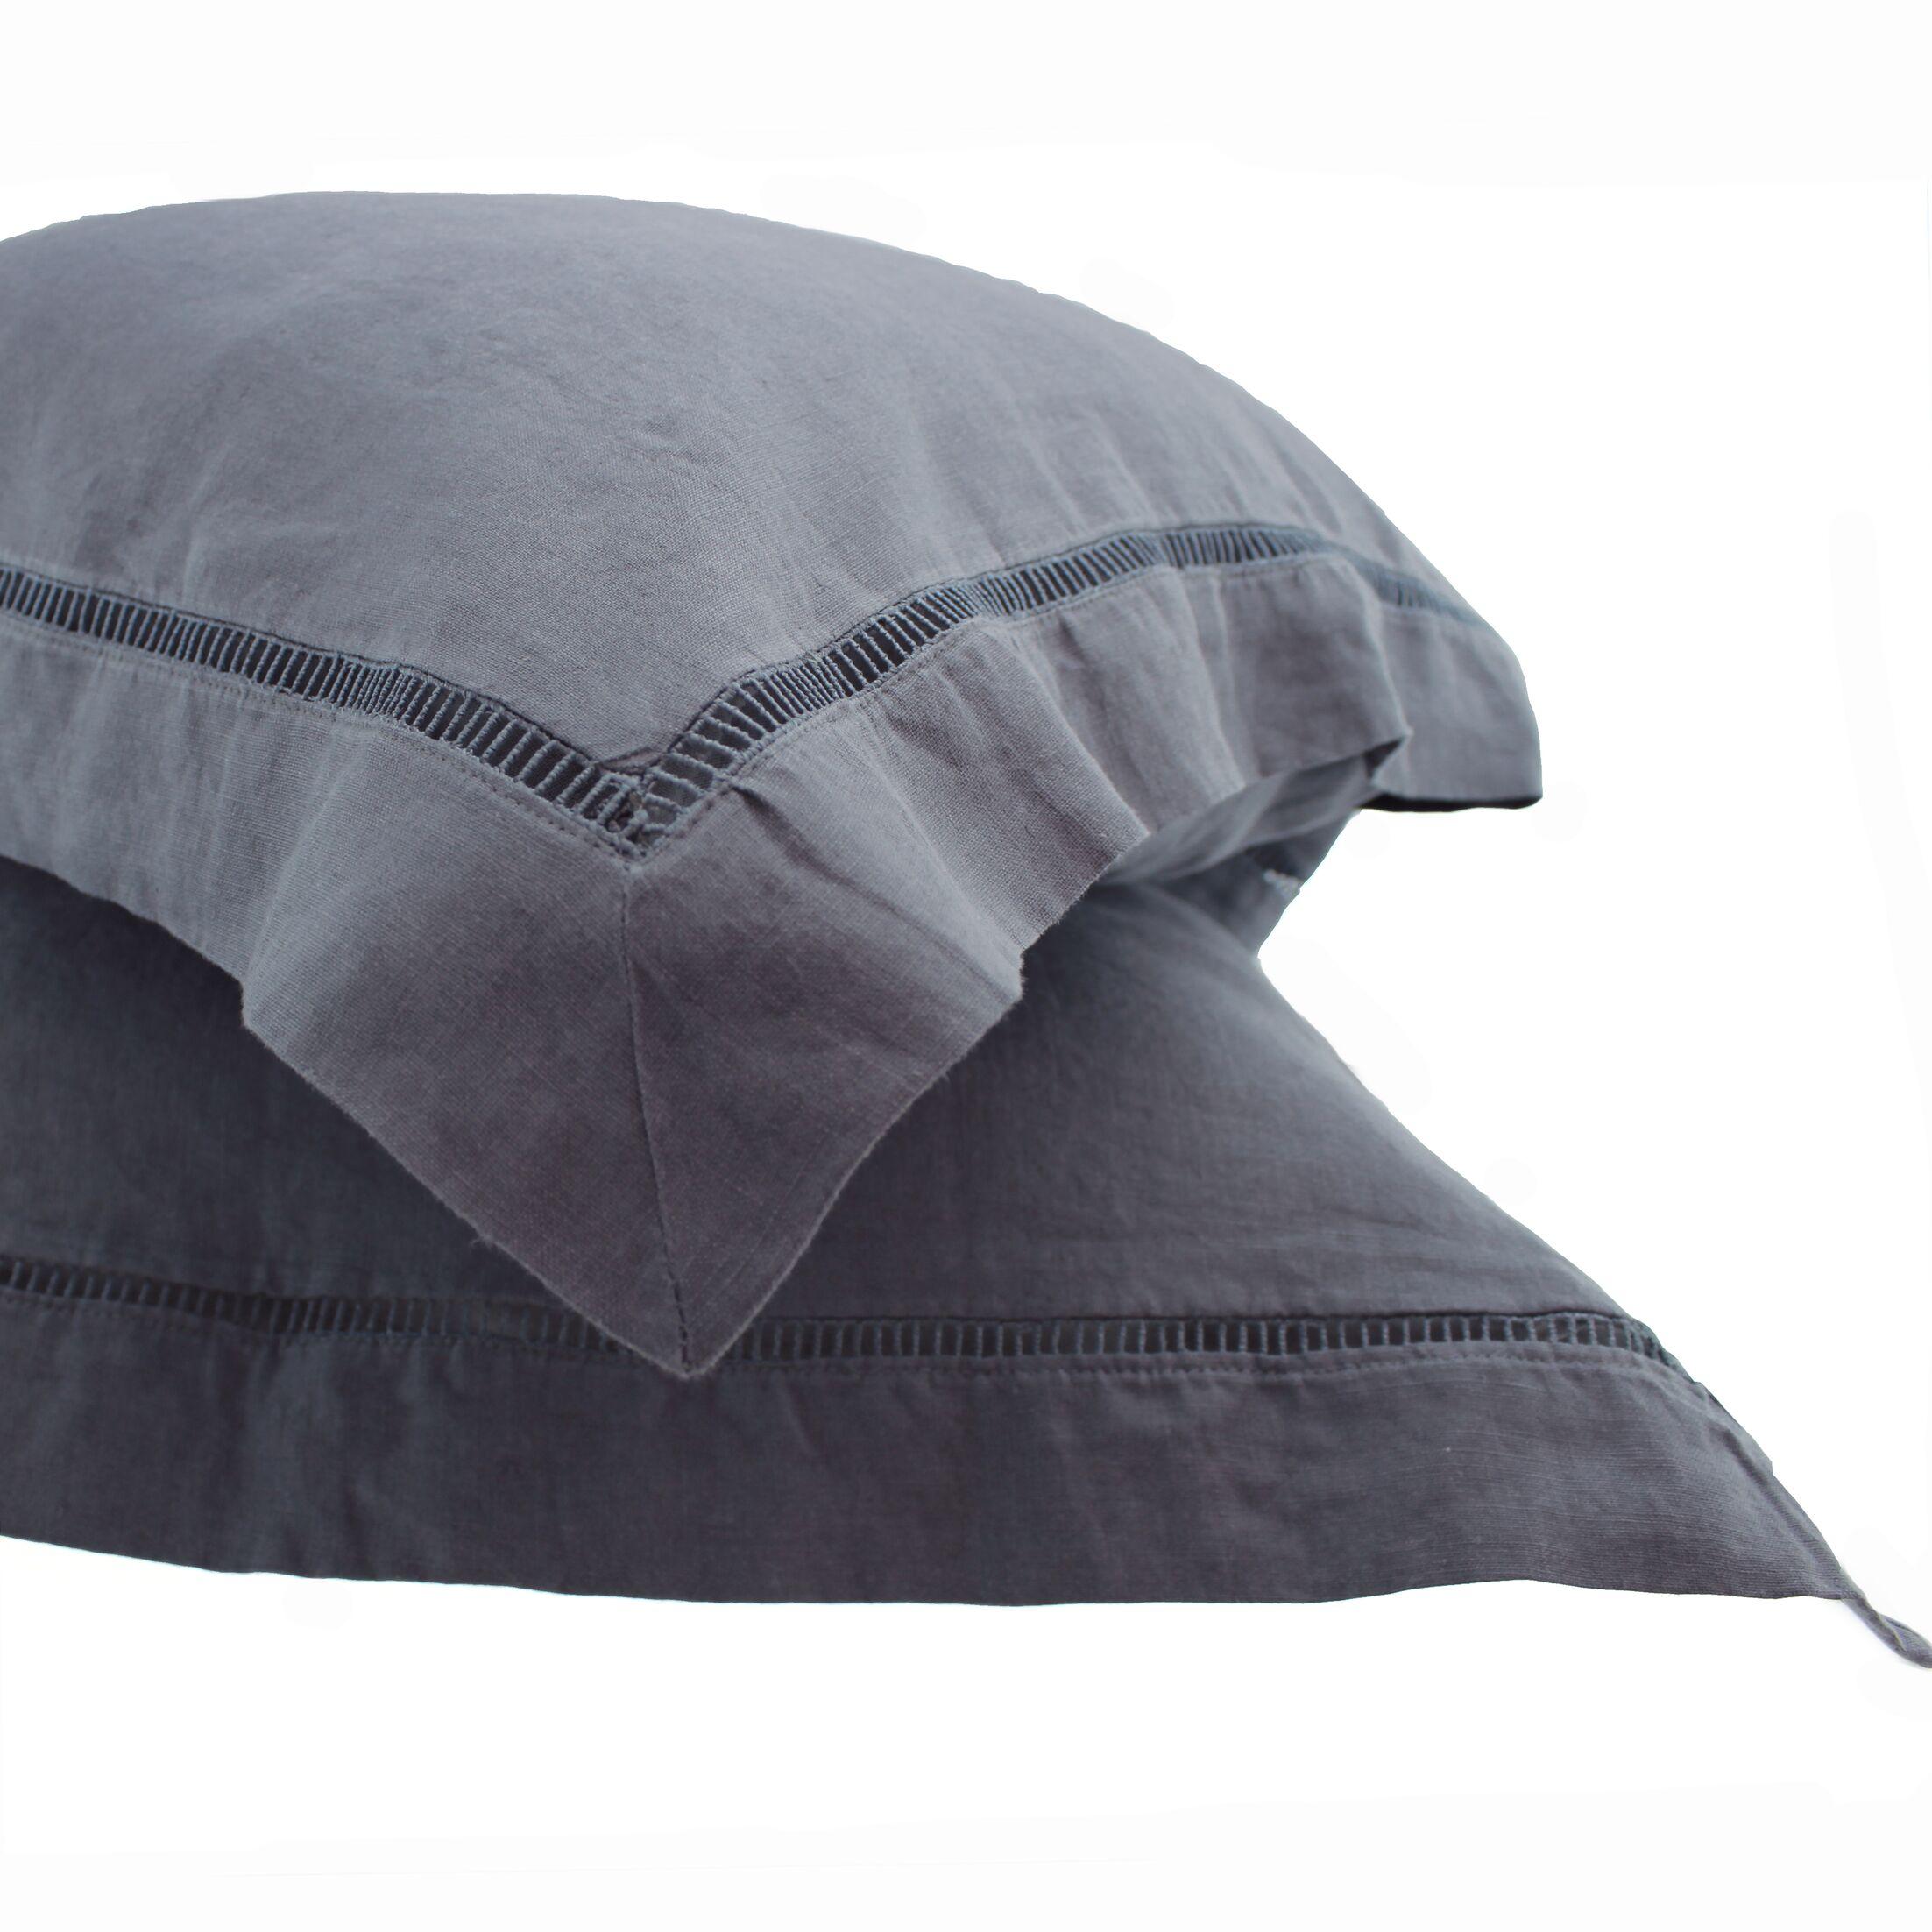 Veney Ladder Hem Linen Cotton Sham Color: Dark Gray